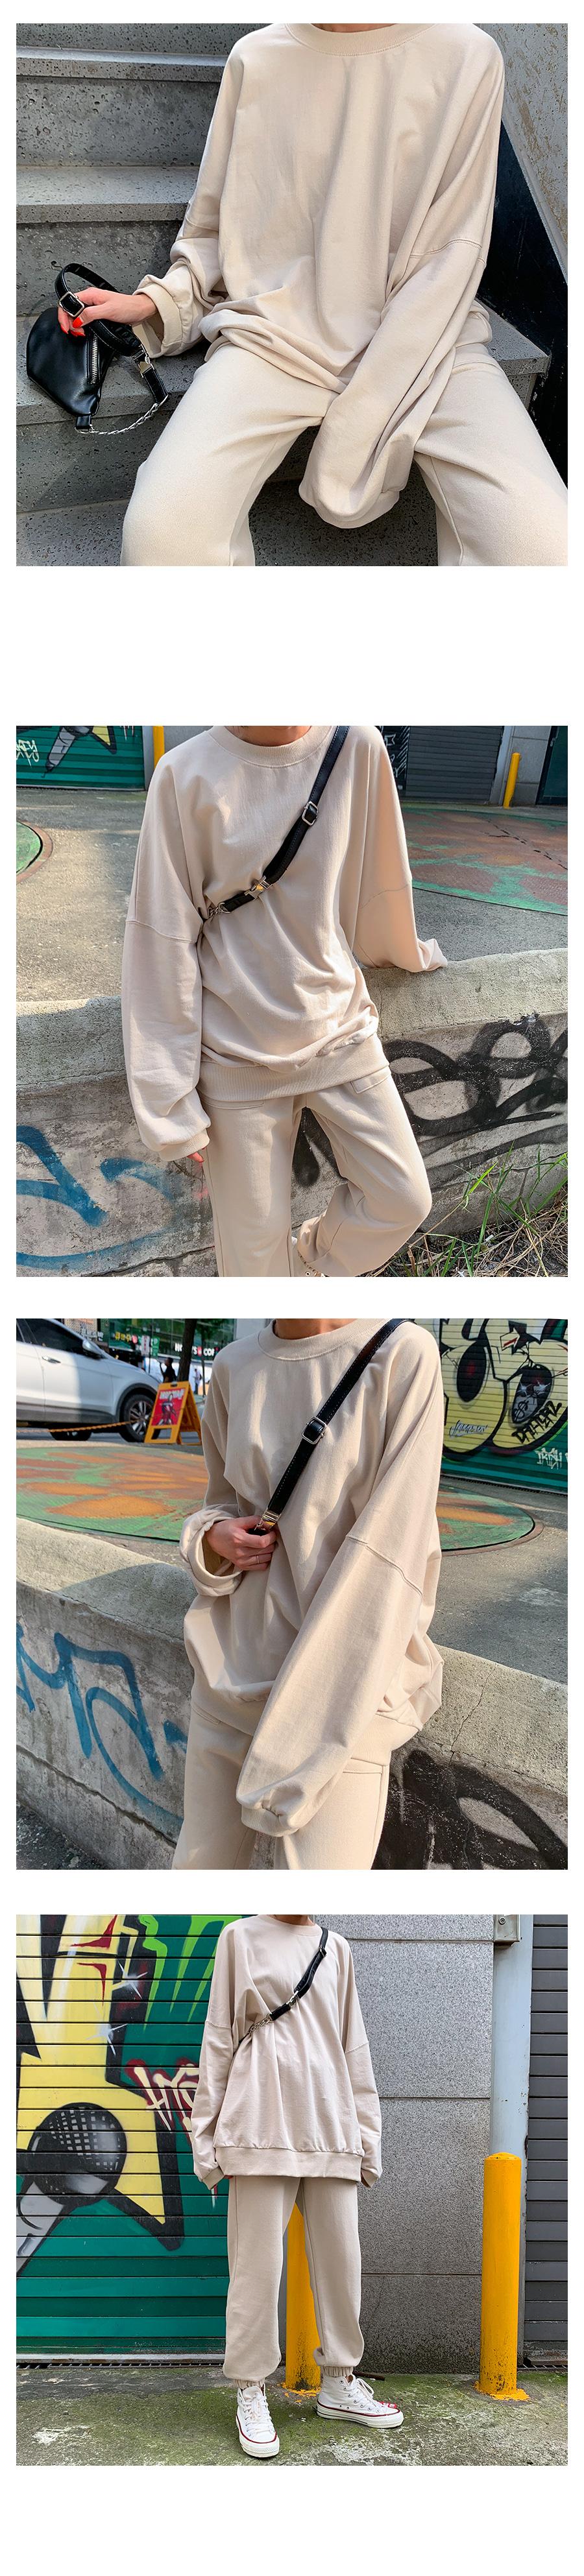 4계절 쭈리 맨투맨 (7color) - 써리미, 18,000원, 상의, 긴팔티셔츠